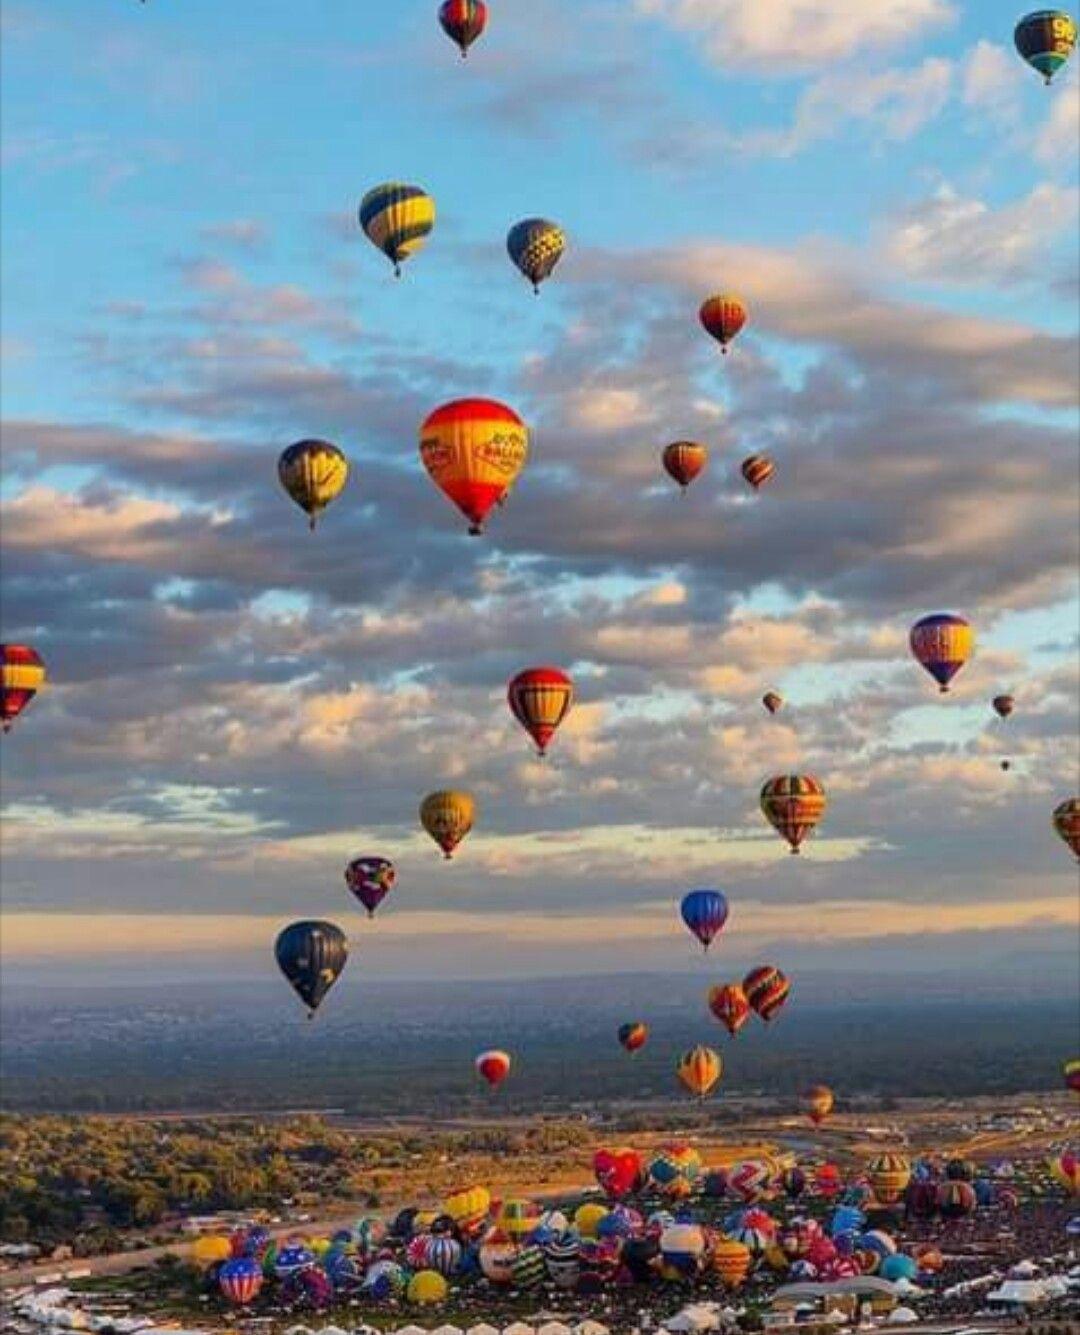 photo by vistanatural Albuquerque balloon festival, Fun